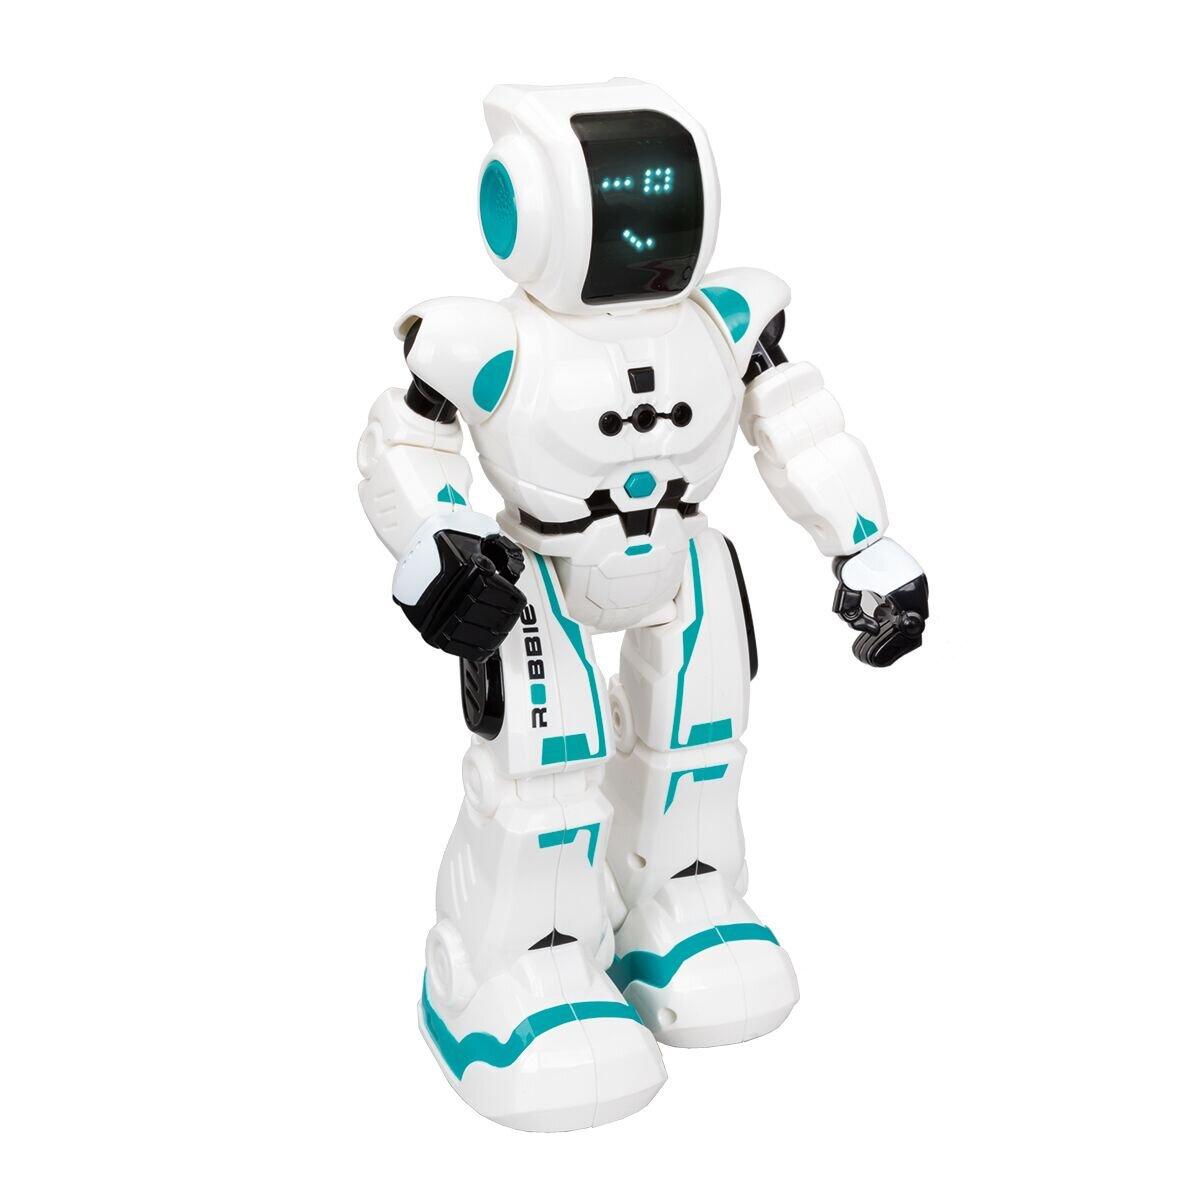 prekybos robotas geriausiai